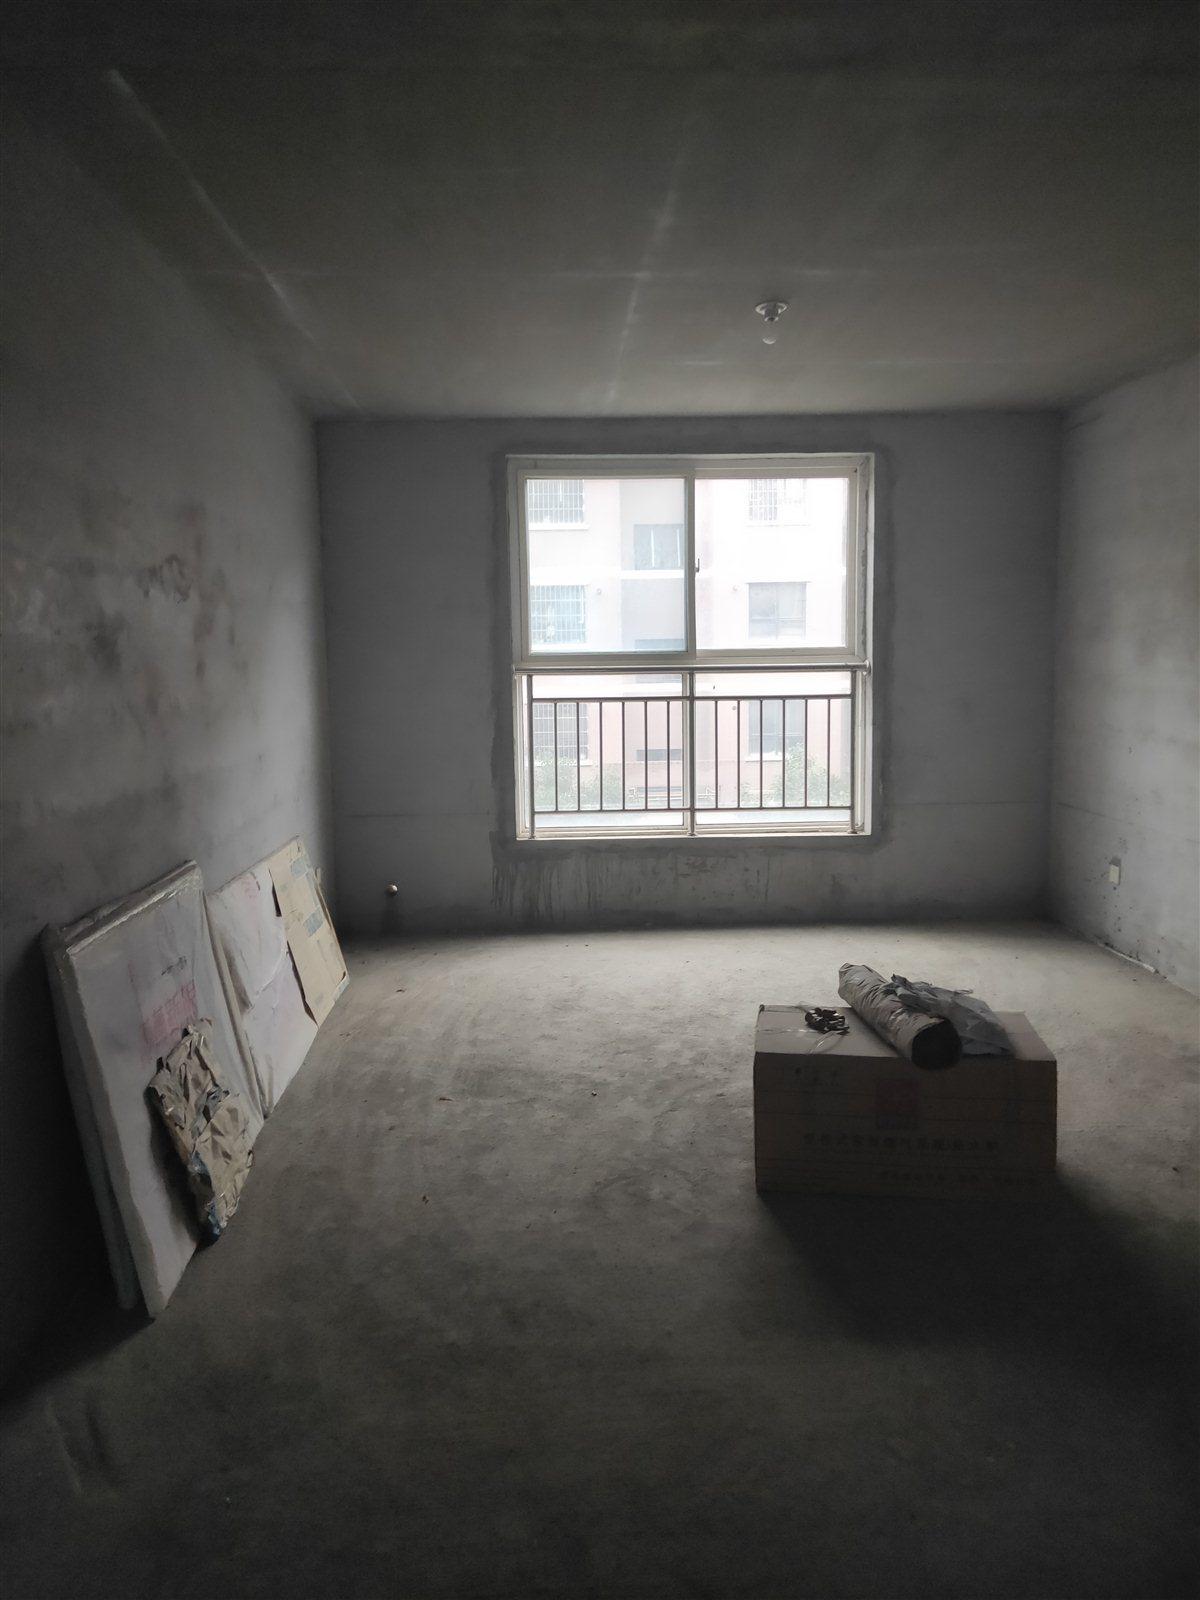 天鹅湖2室 2厅 1卫56万元